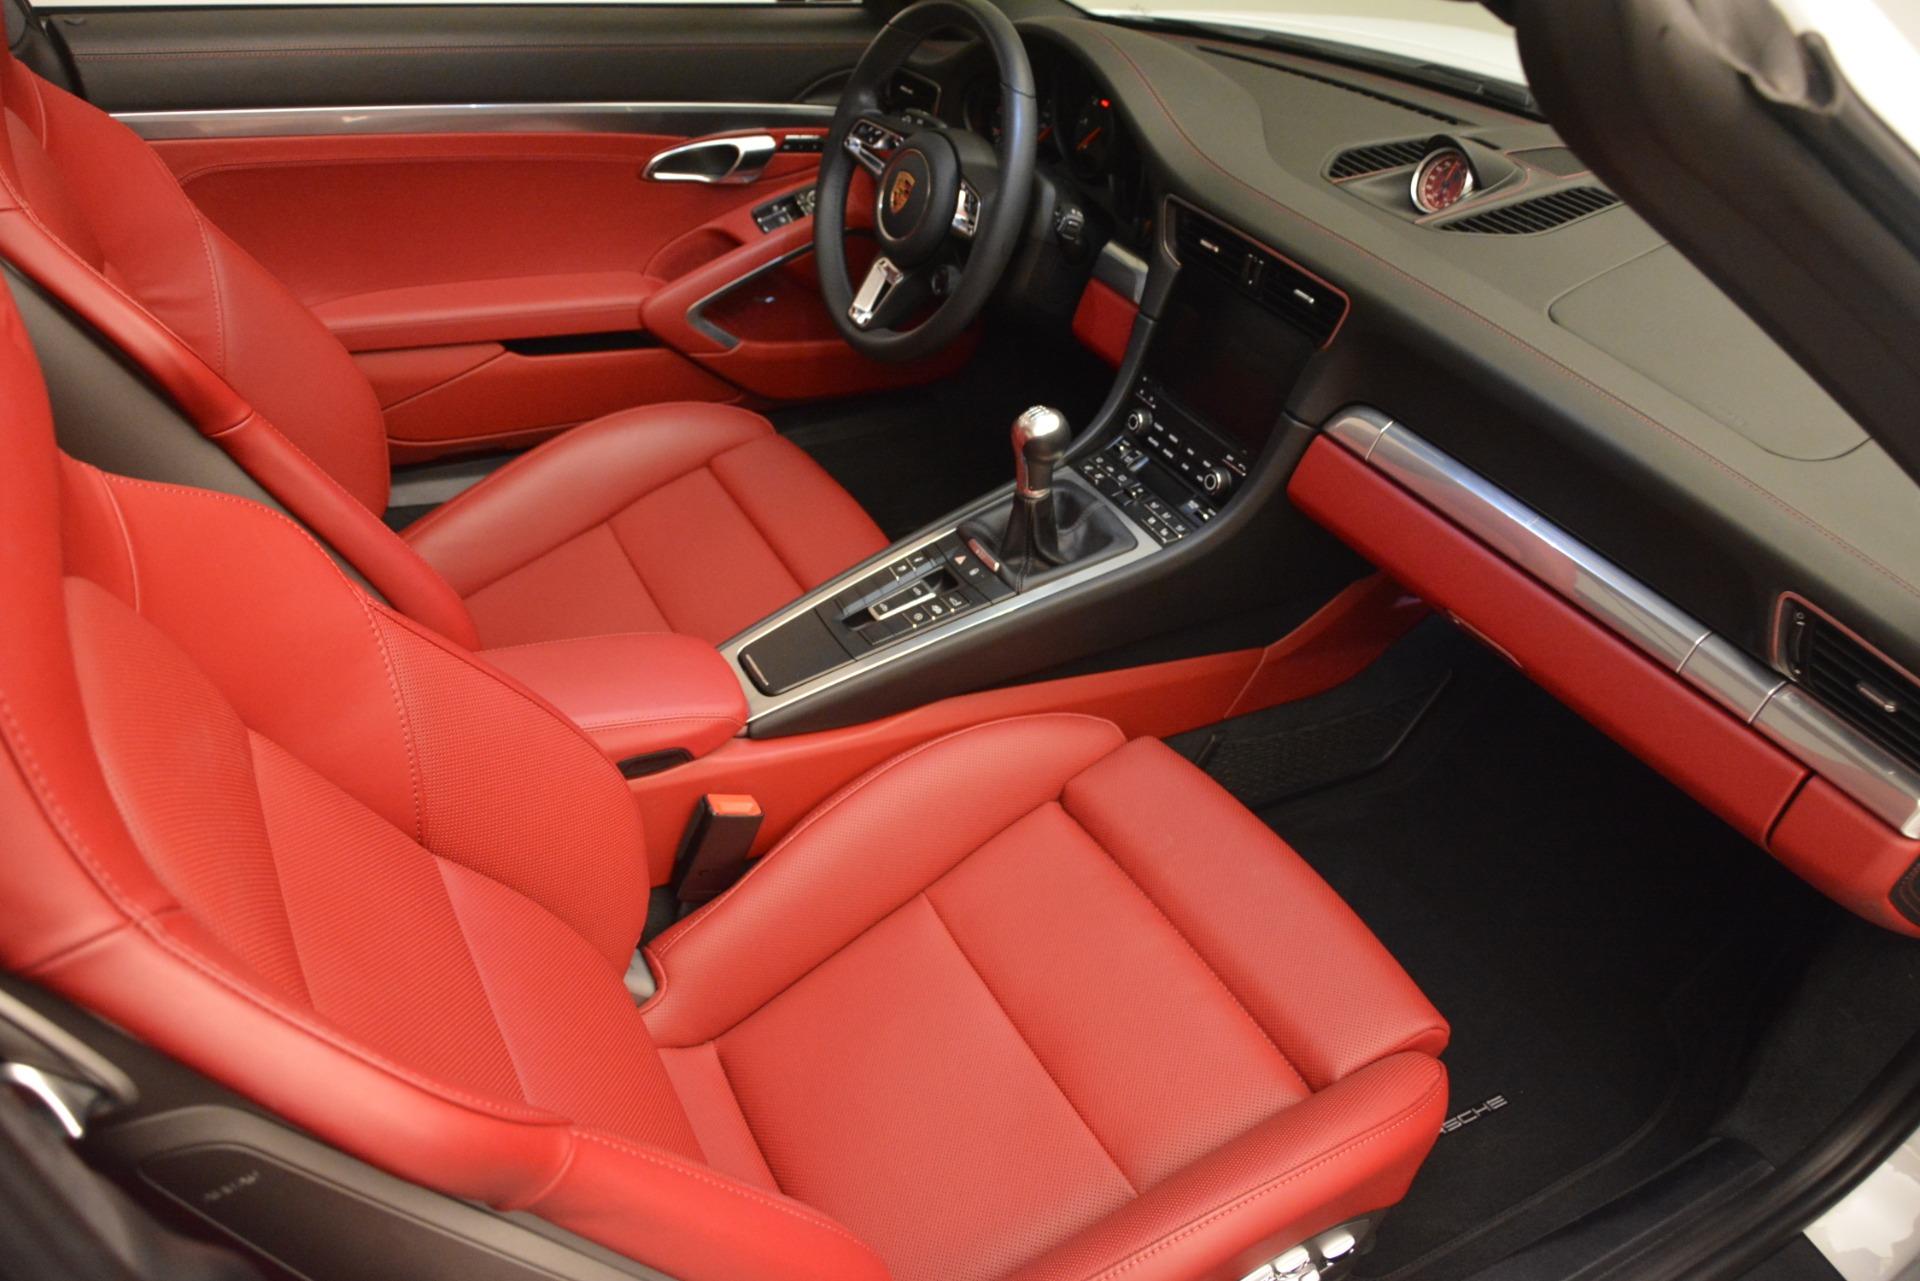 Used 2017 Porsche 911 Targa 4S For Sale In Greenwich, CT. Alfa Romeo of Greenwich, 7433 2593_p17